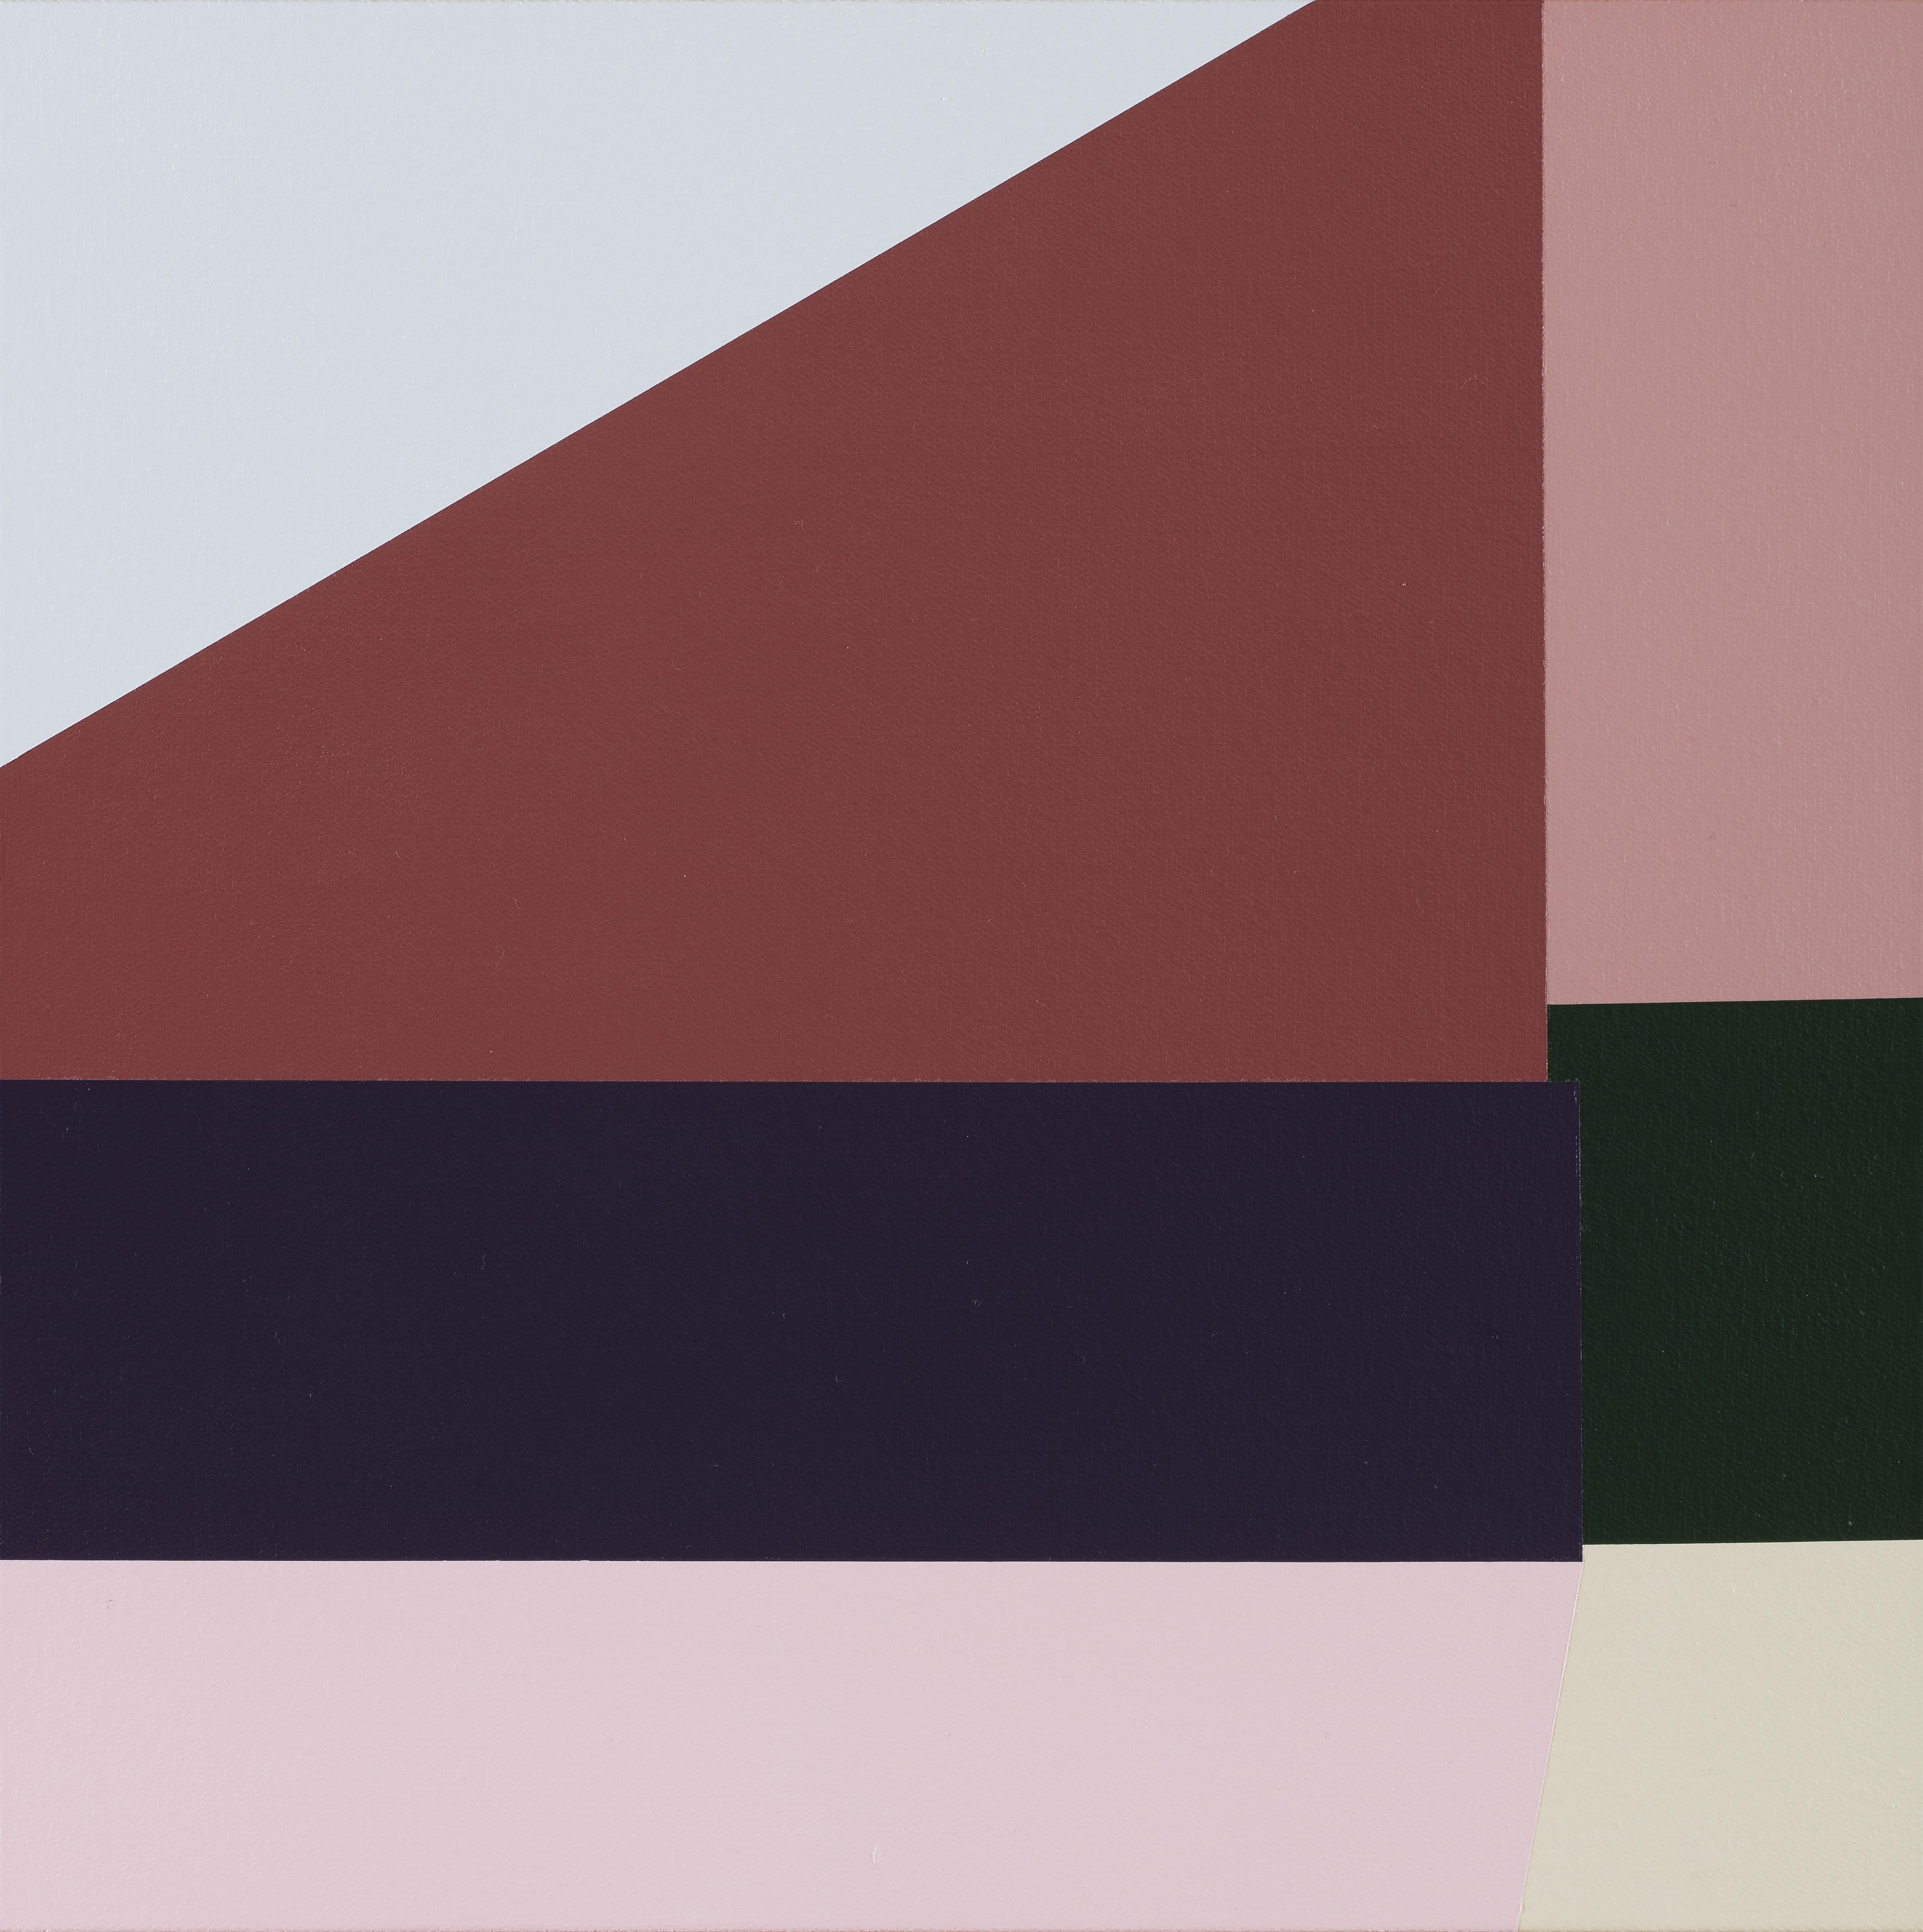 젠박_legoscape_acrylic on canvas_38x38cm_2